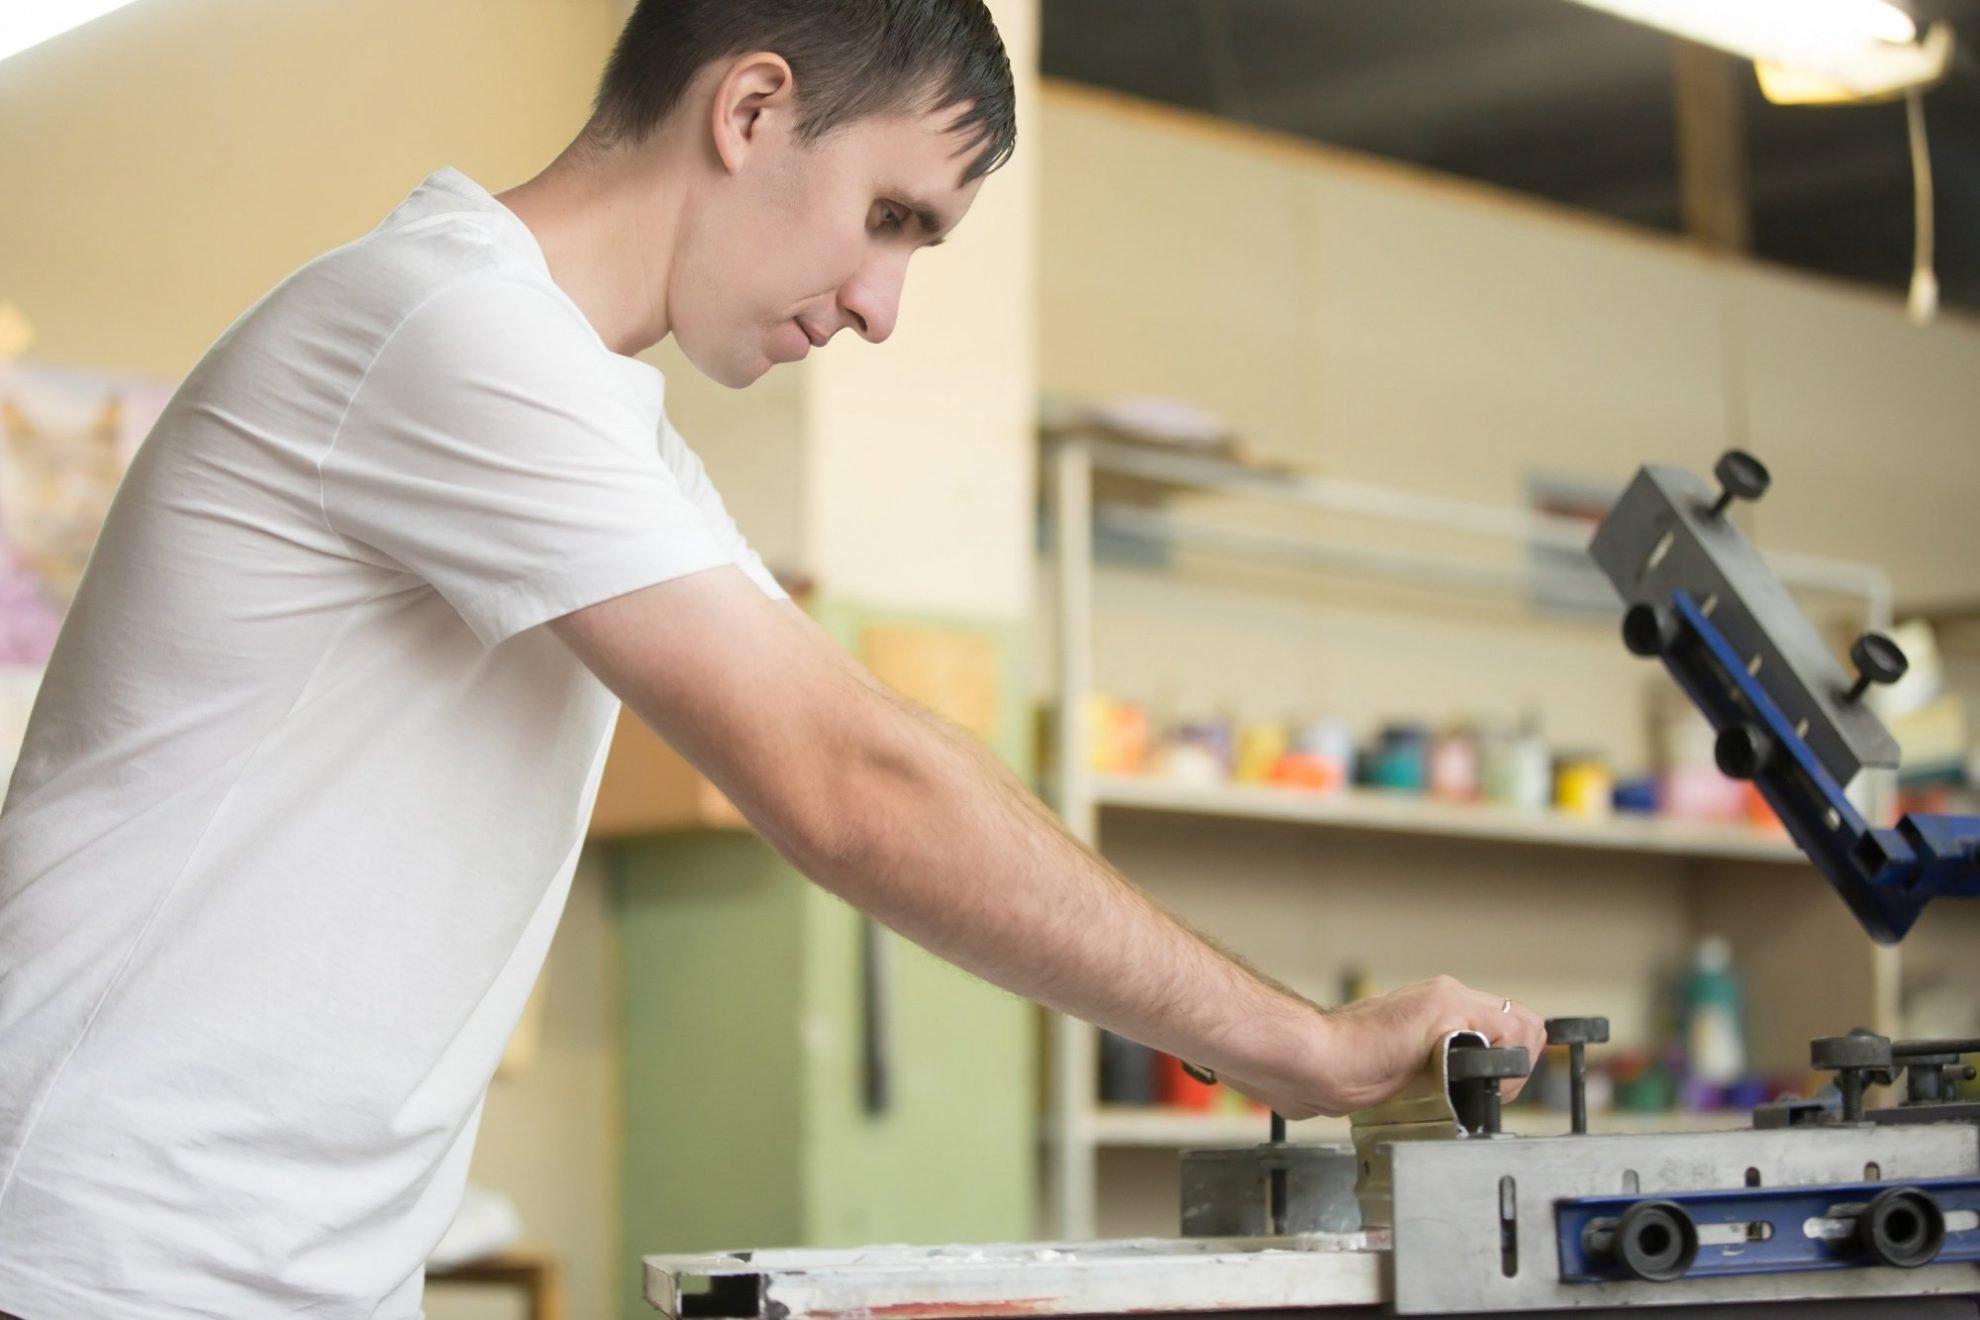 young man screen printing - Servicios